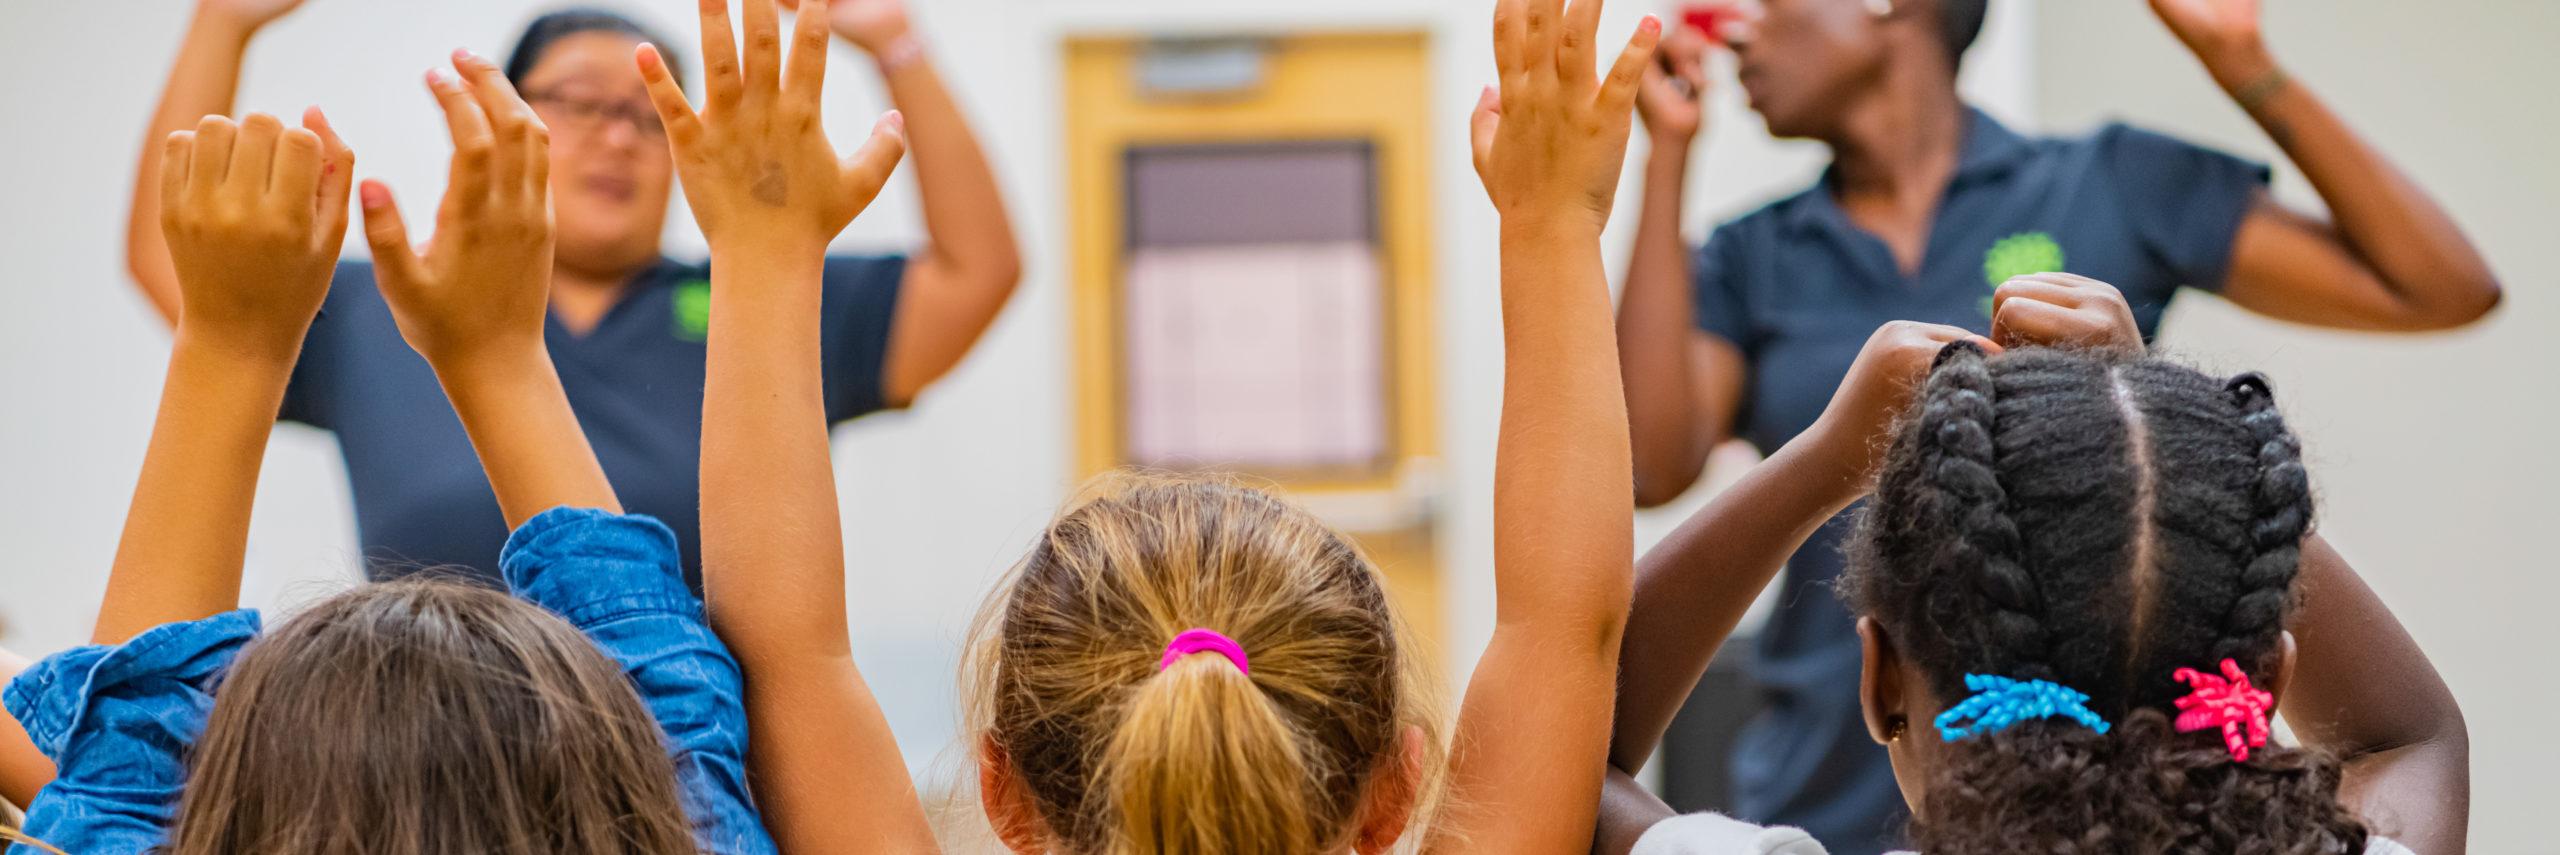 Healthy Kids hands up